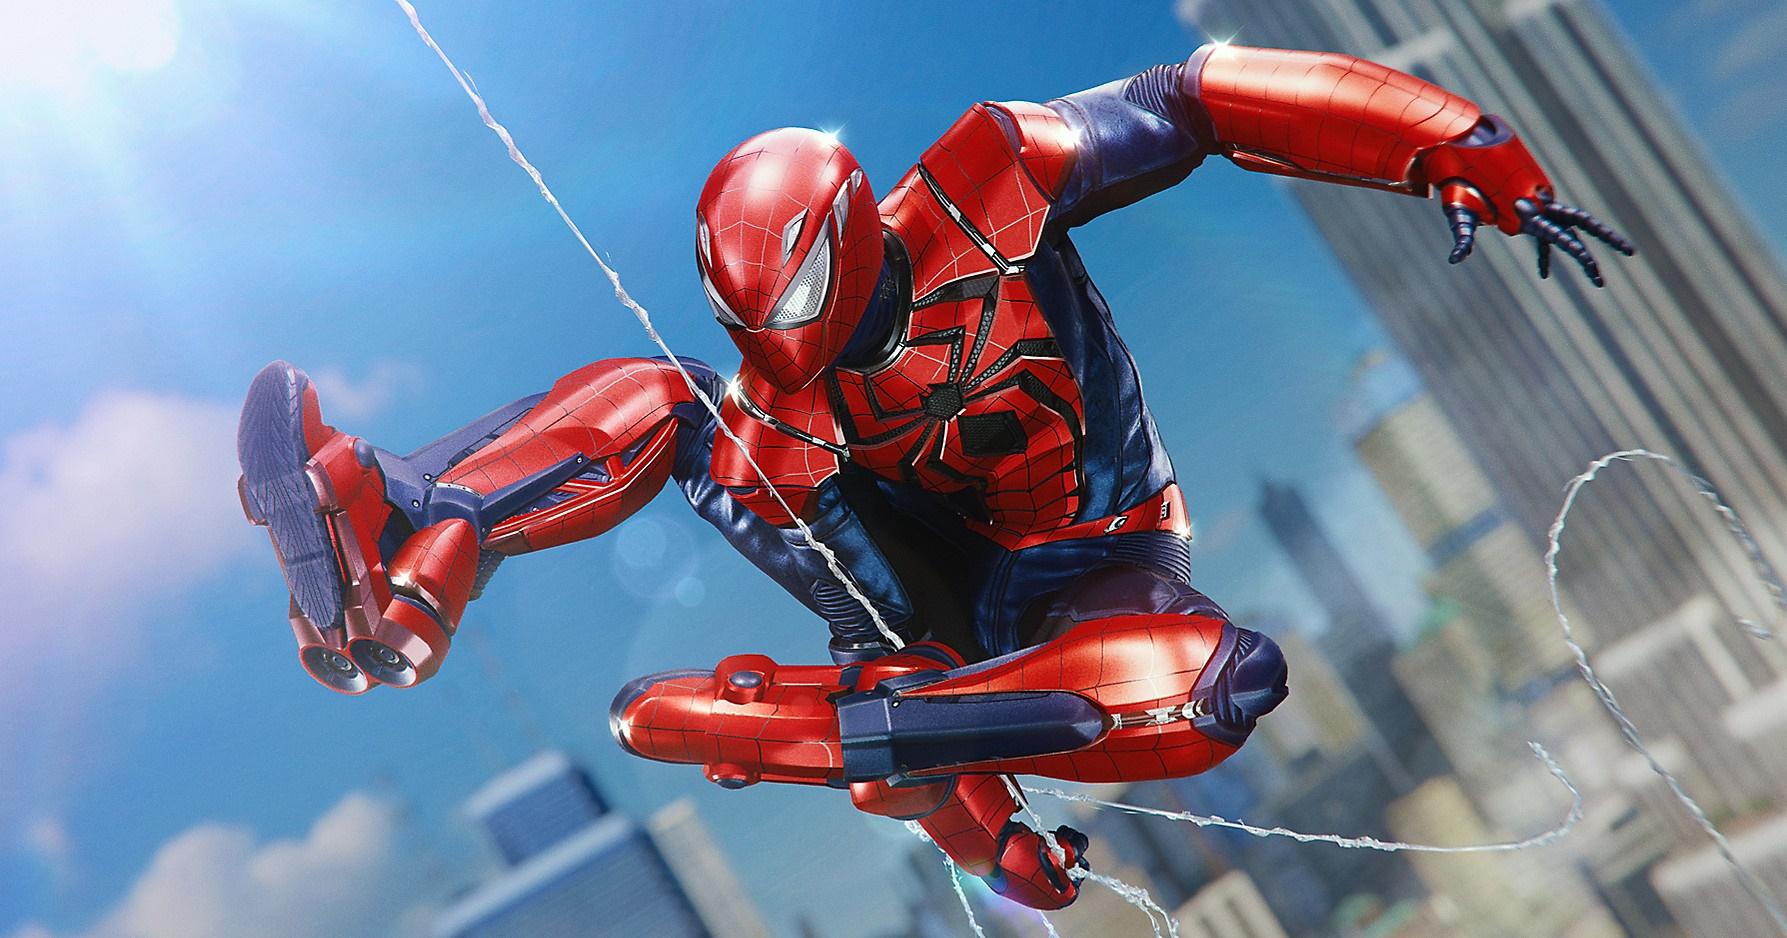 marvels-spider-man-dlc-3-screen-01-ps4-us-11dec18.jpg